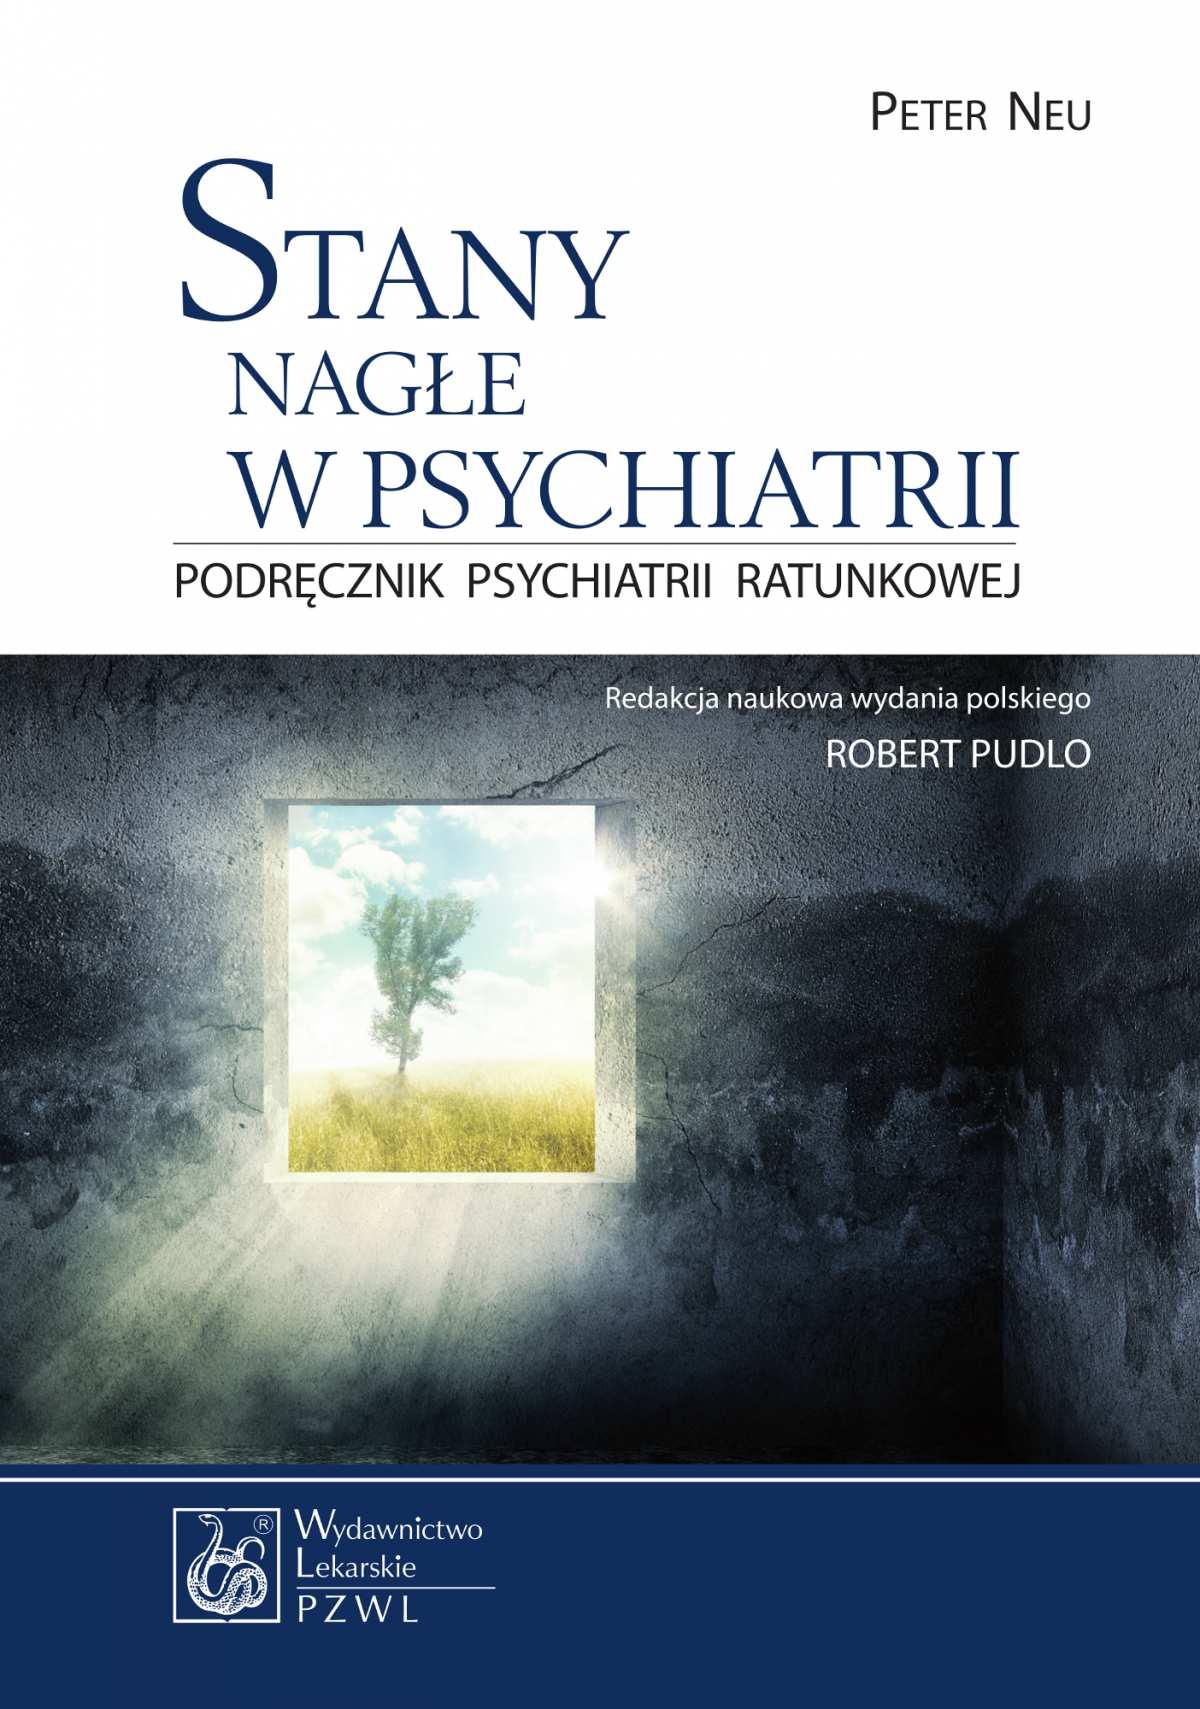 Stany nagłe w psychiatrii - Ebook (Książka na Kindle) do pobrania w formacie MOBI